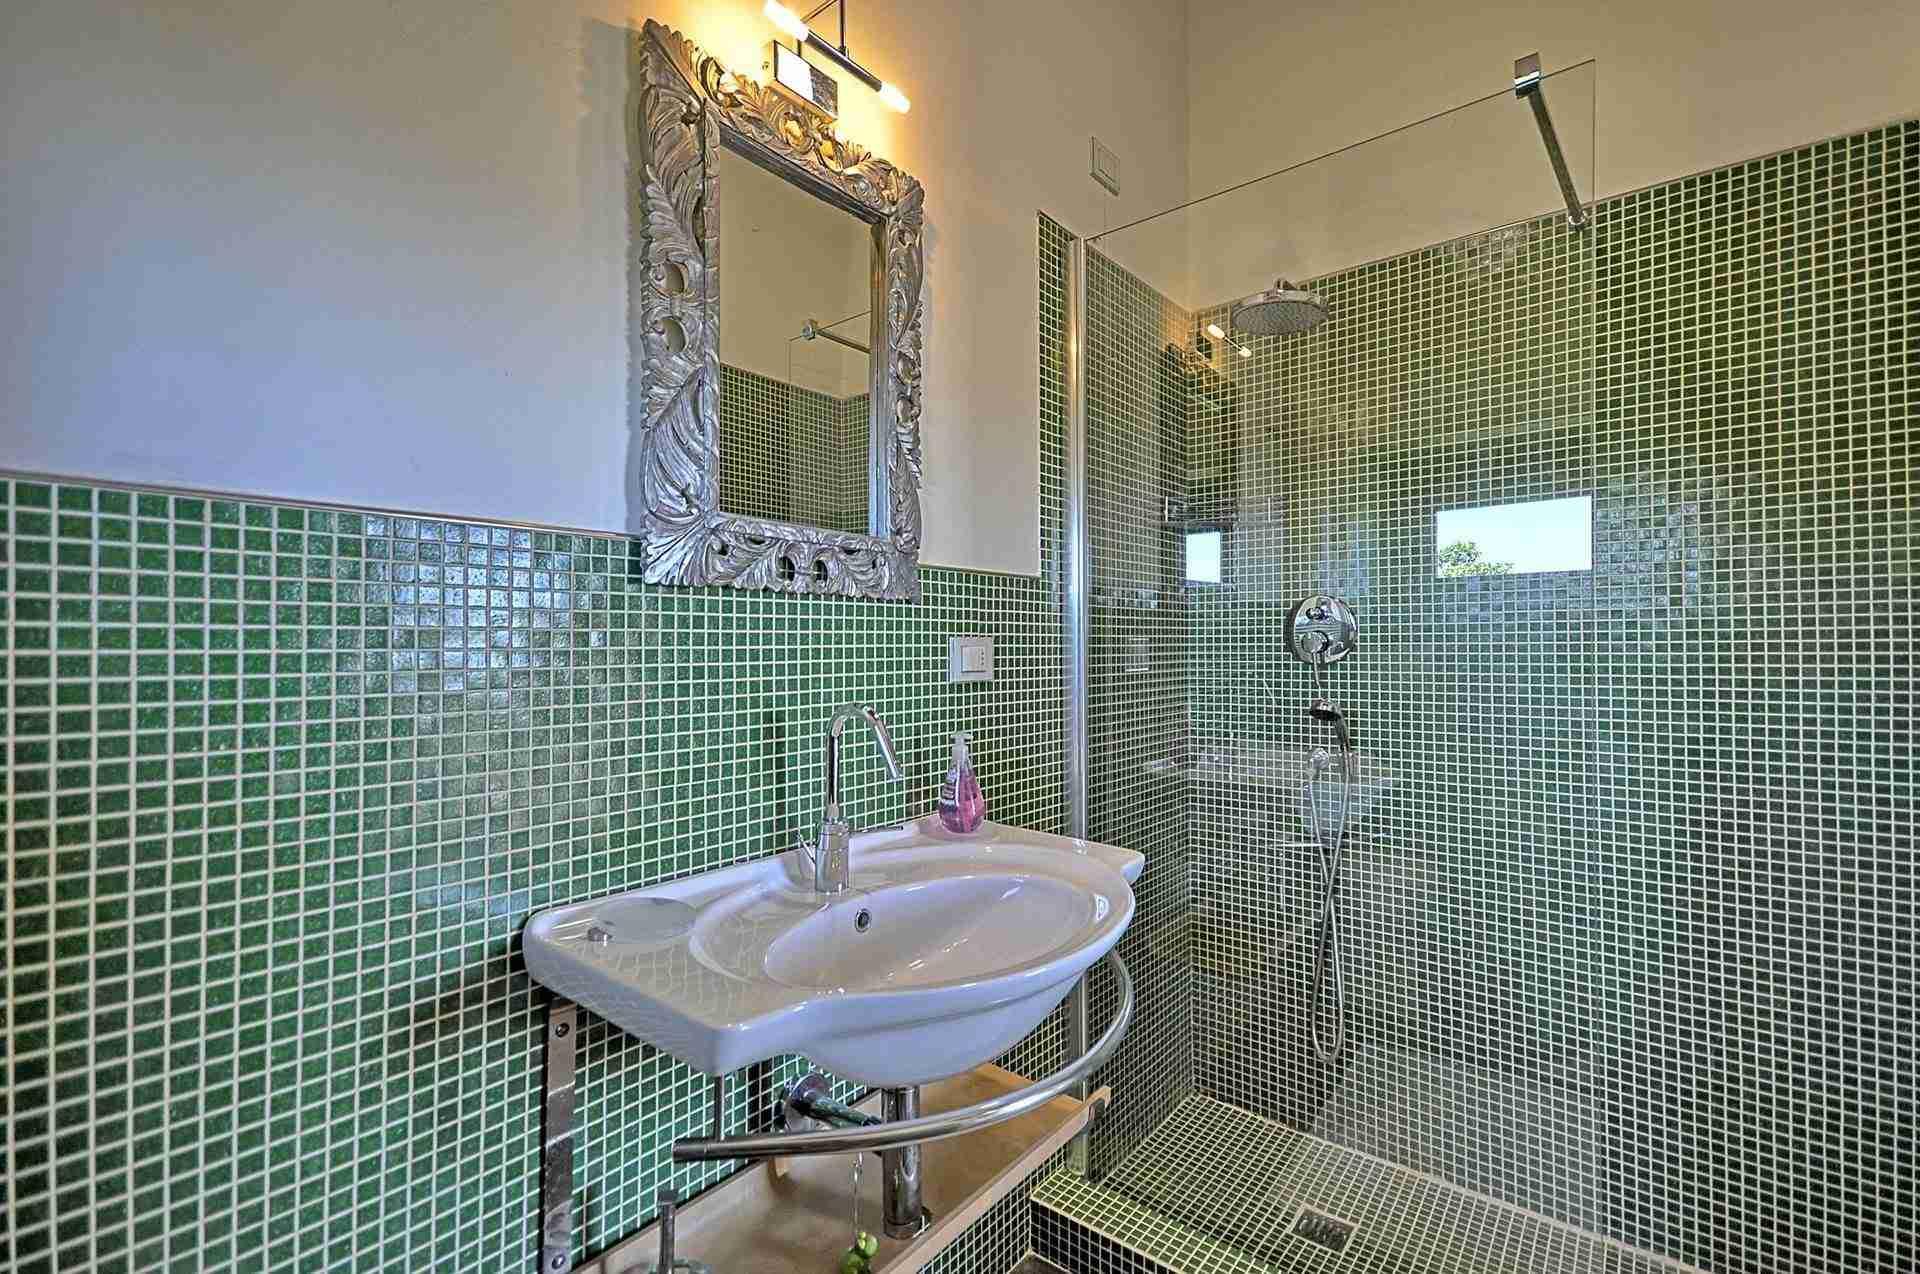 15 Perugini bathroom